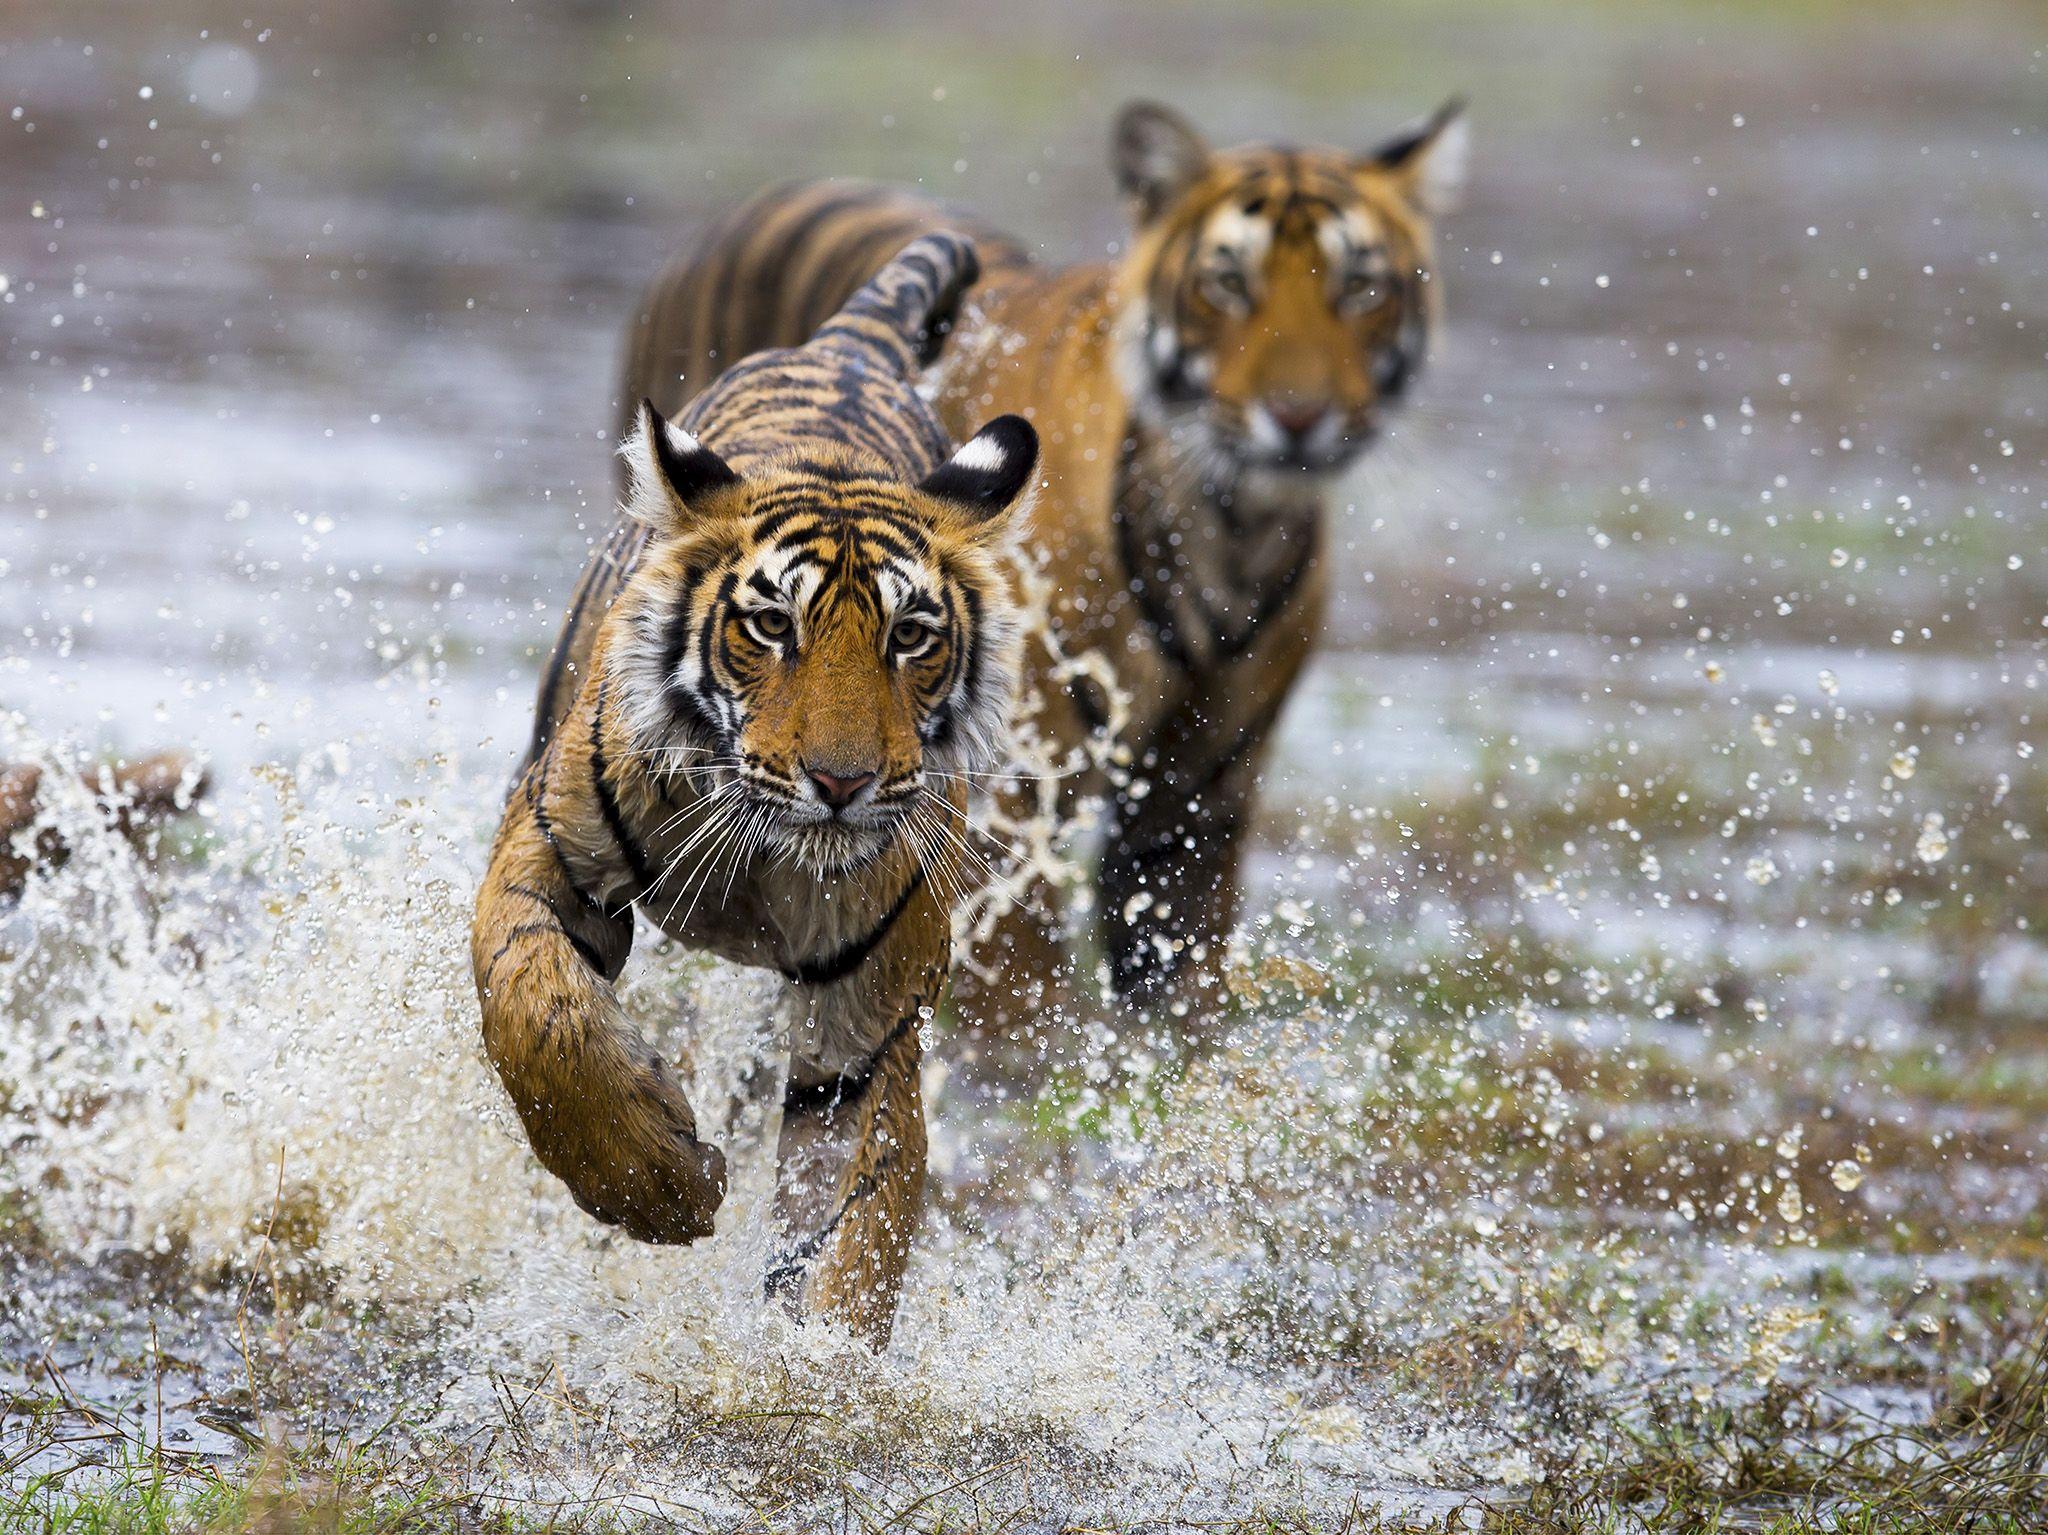 تتسابق تيرا عبر مياه البحيرة الضحلة في حين يُراقبها... [Photo of the day - نوفمبر 2020]